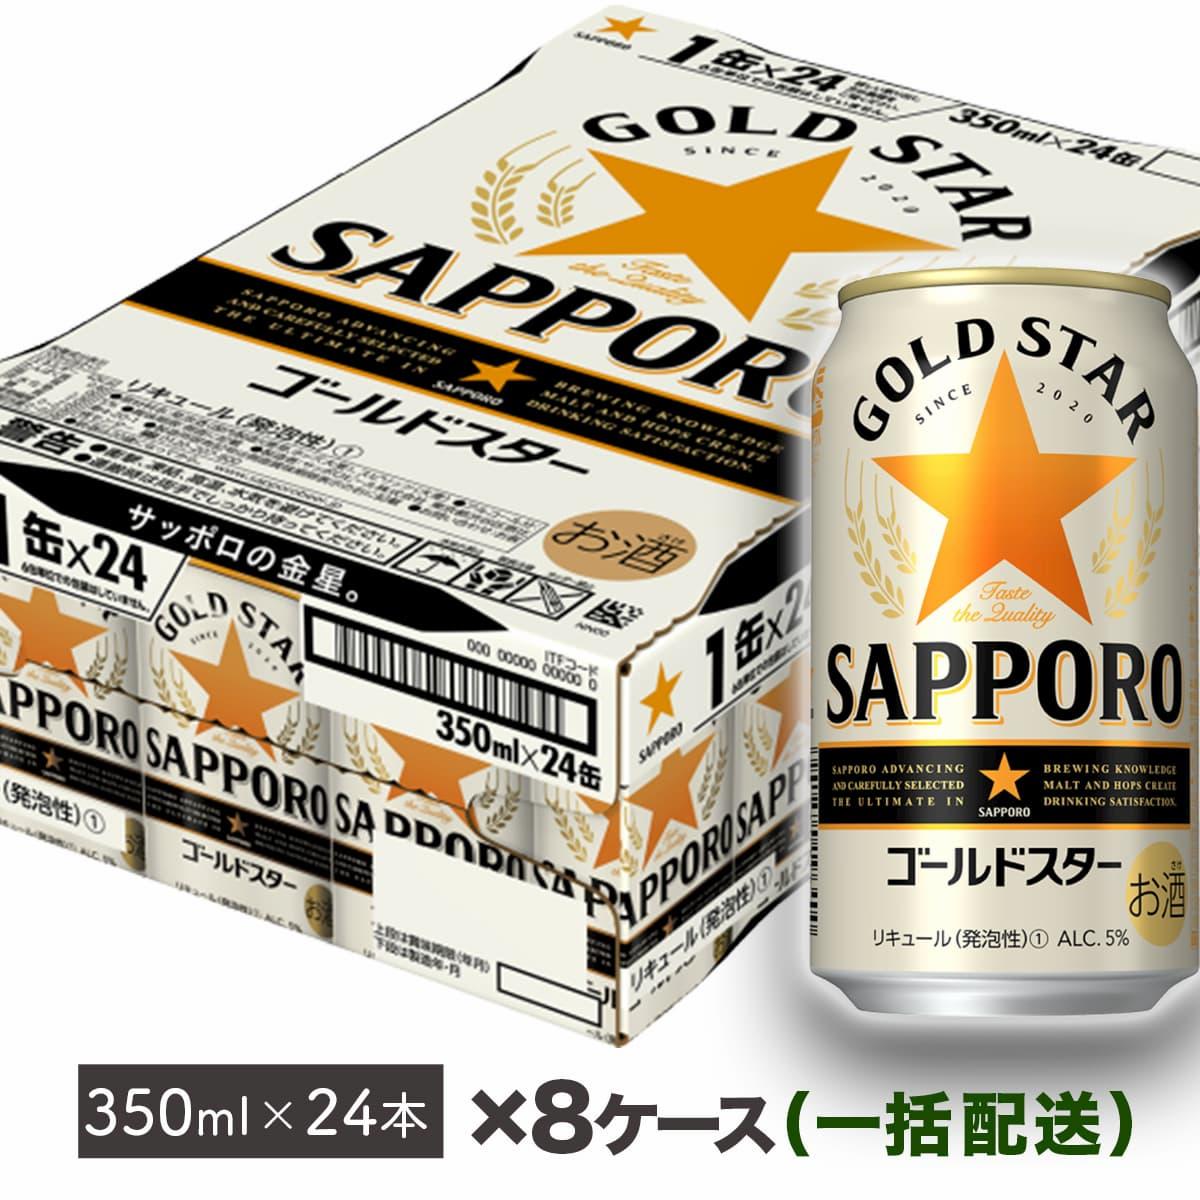 【ふるさと納税】地元名取産 サッポロ ゴールドスター 金星 350ml缶×24本(1ケース)を8ケース同時配送